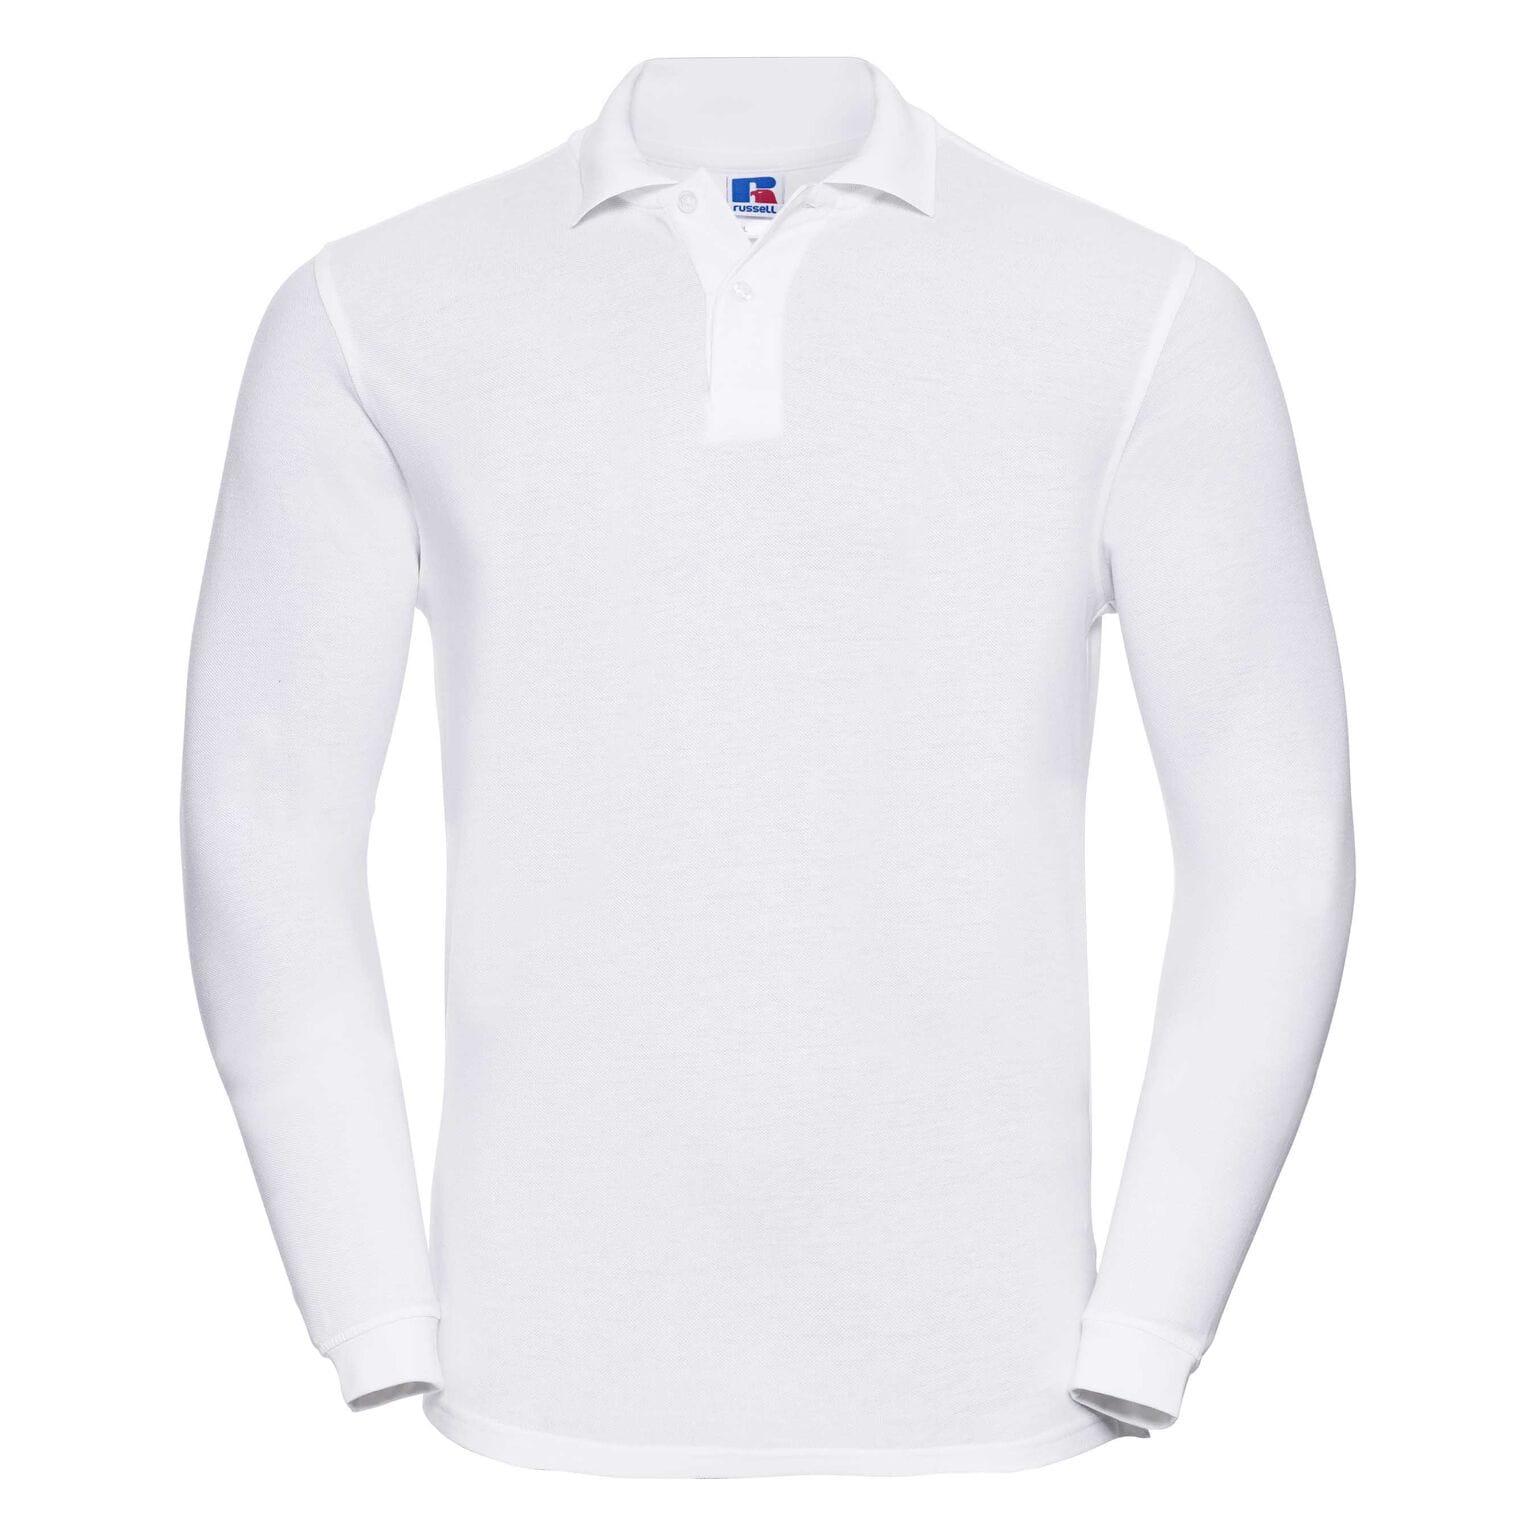 Męska koszulka Polo z długim rękawem R569L   Russell